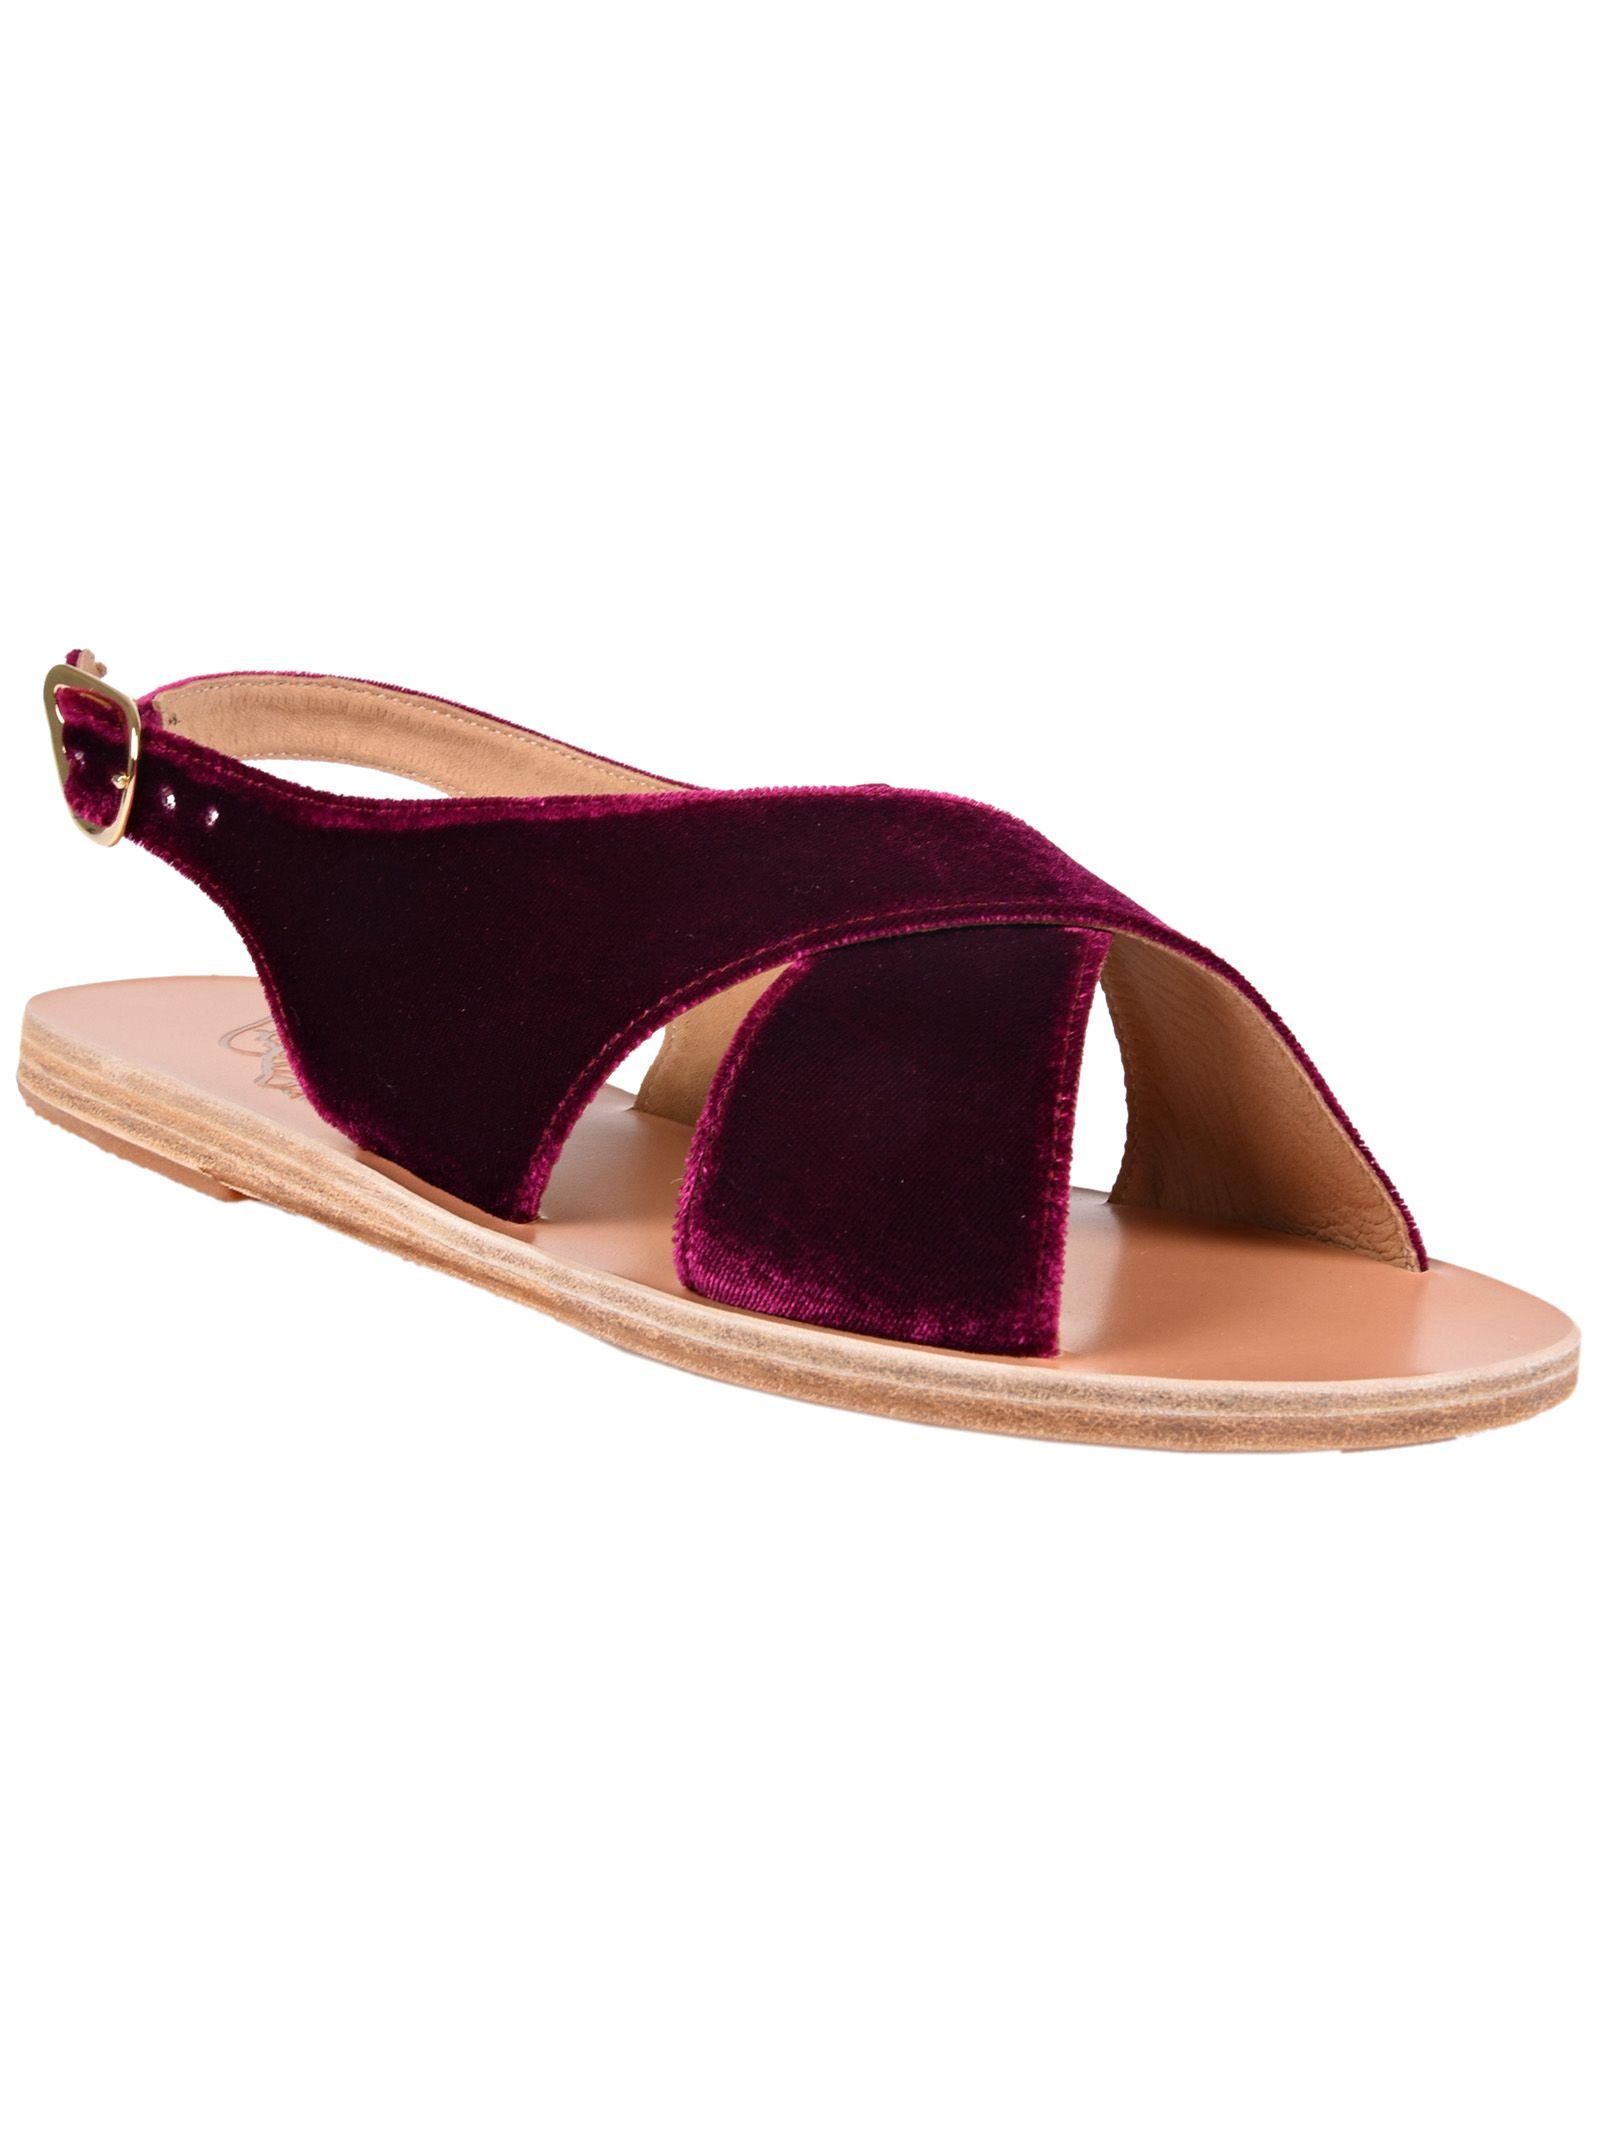 Maria sandals - Pink & Purple Ancient Greek Sandals CKga6BjMu